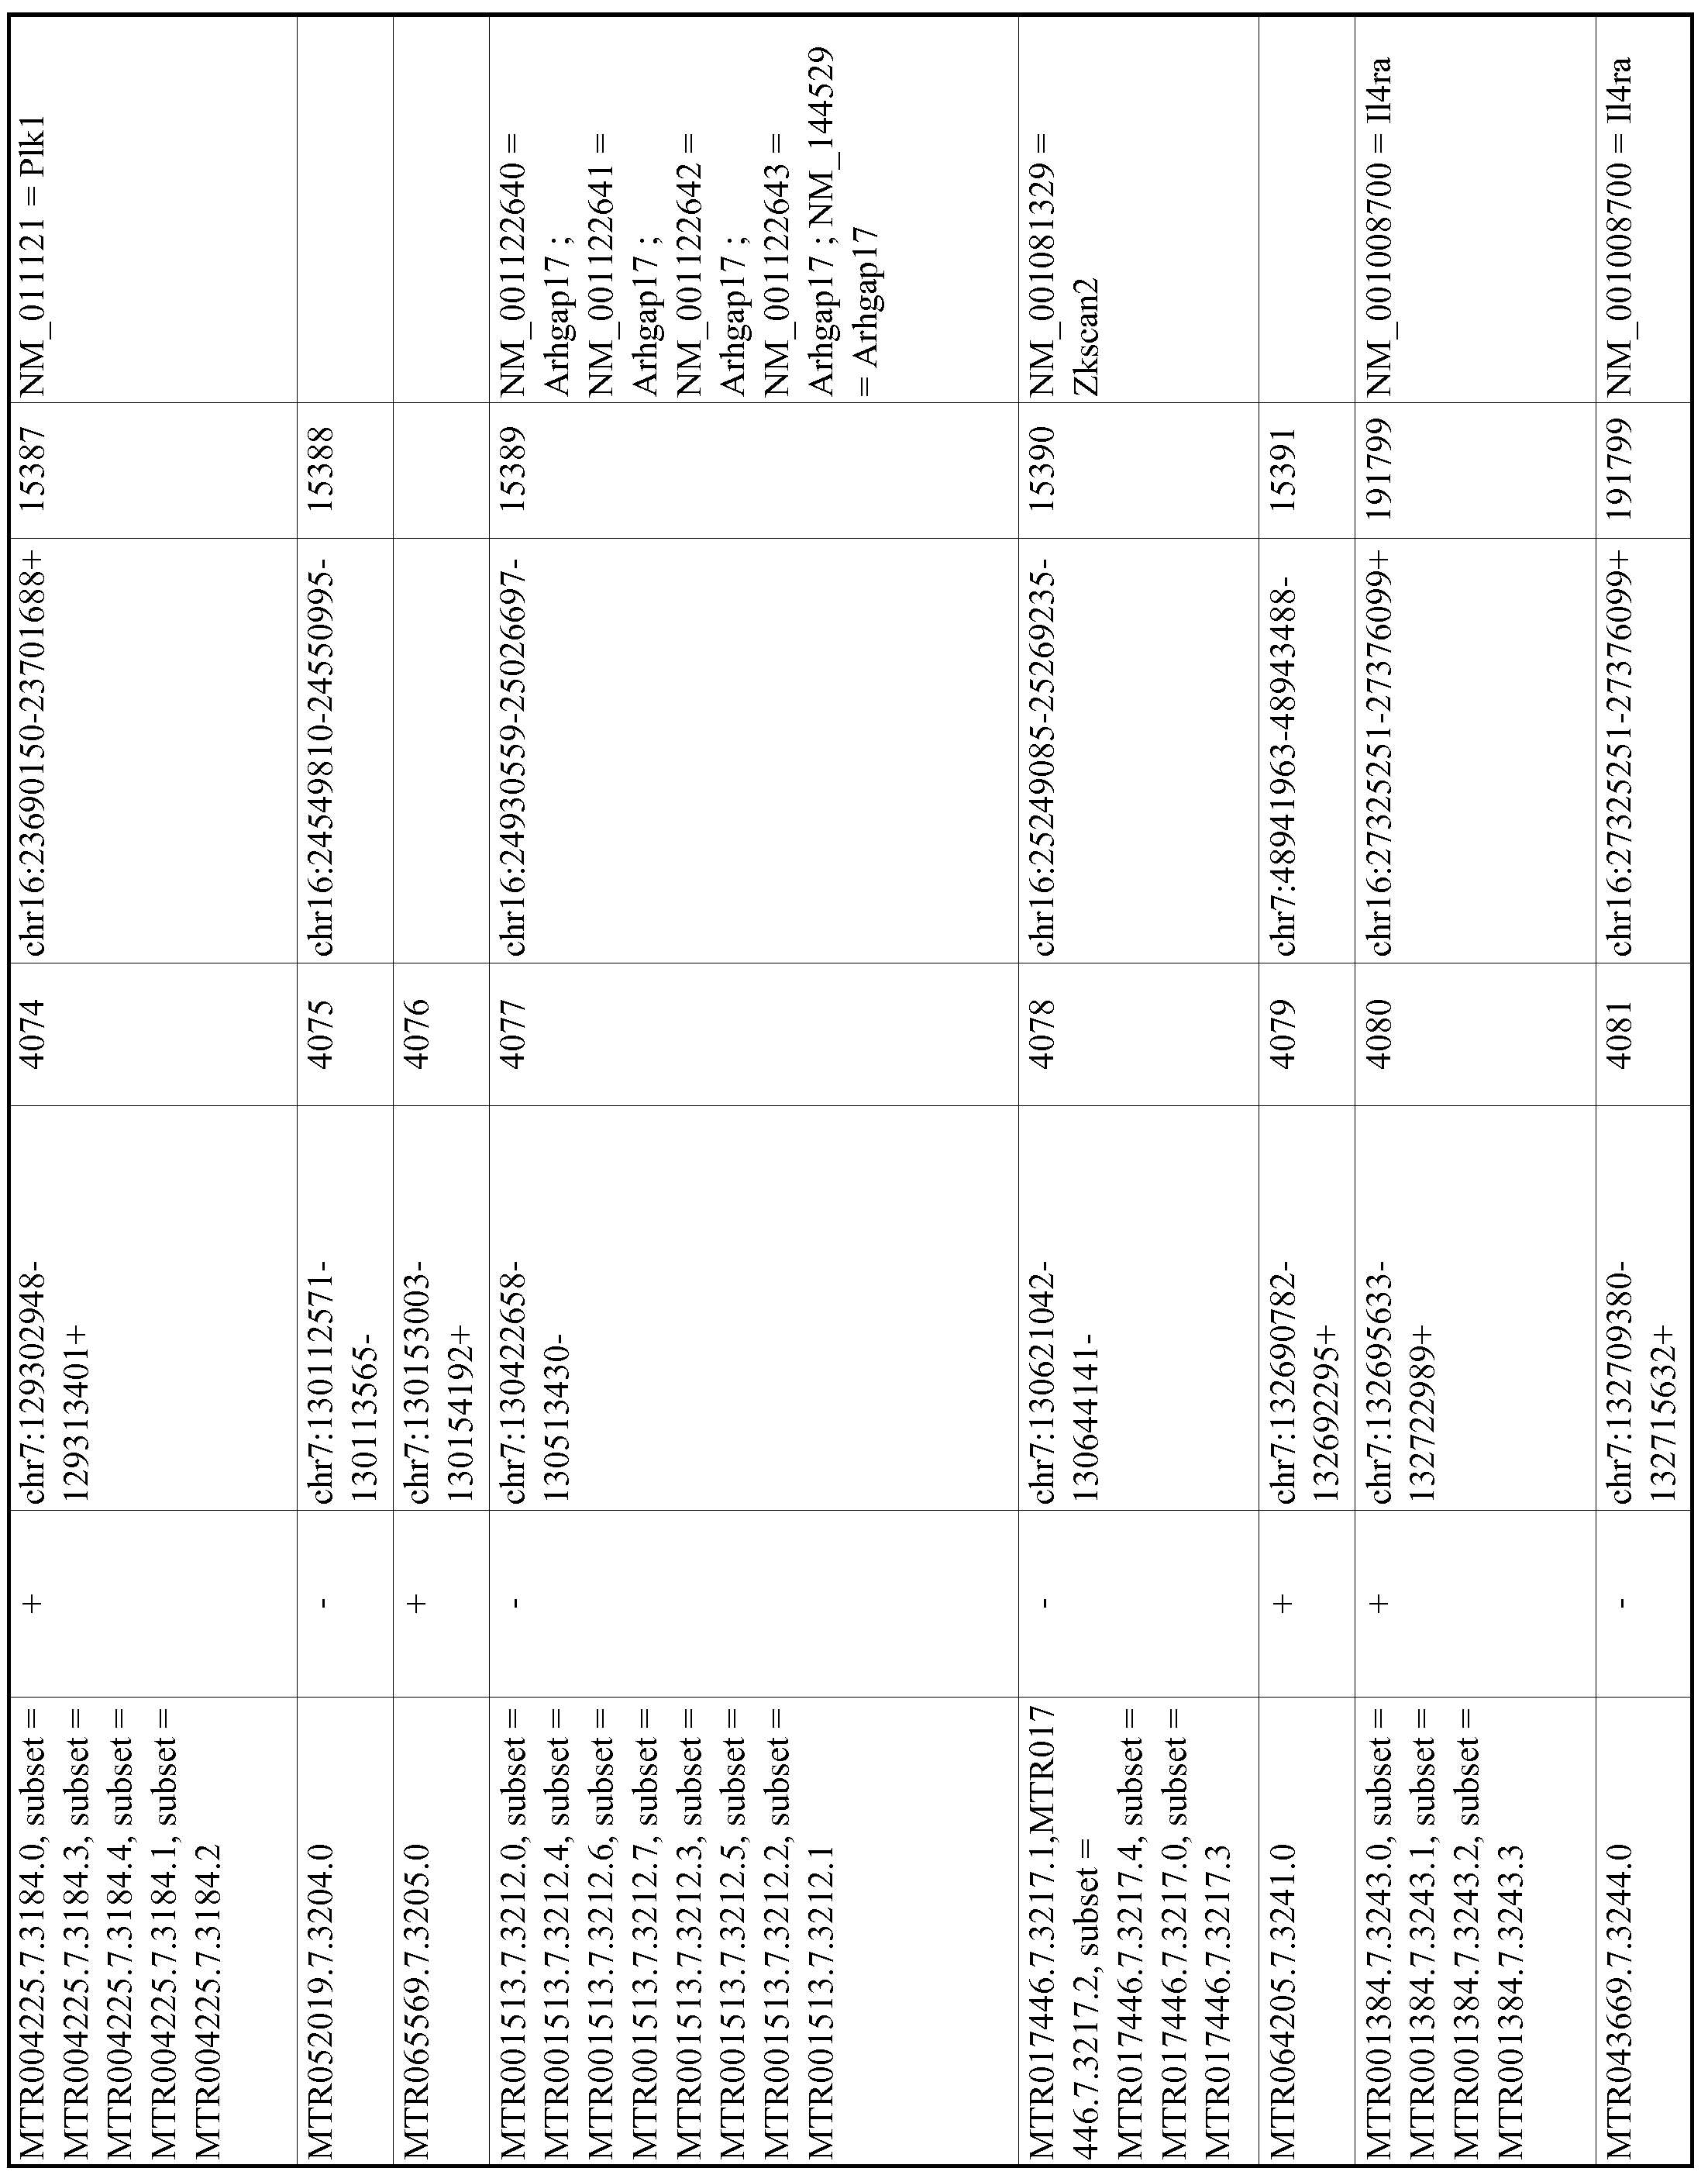 Figure imgf000772_0001